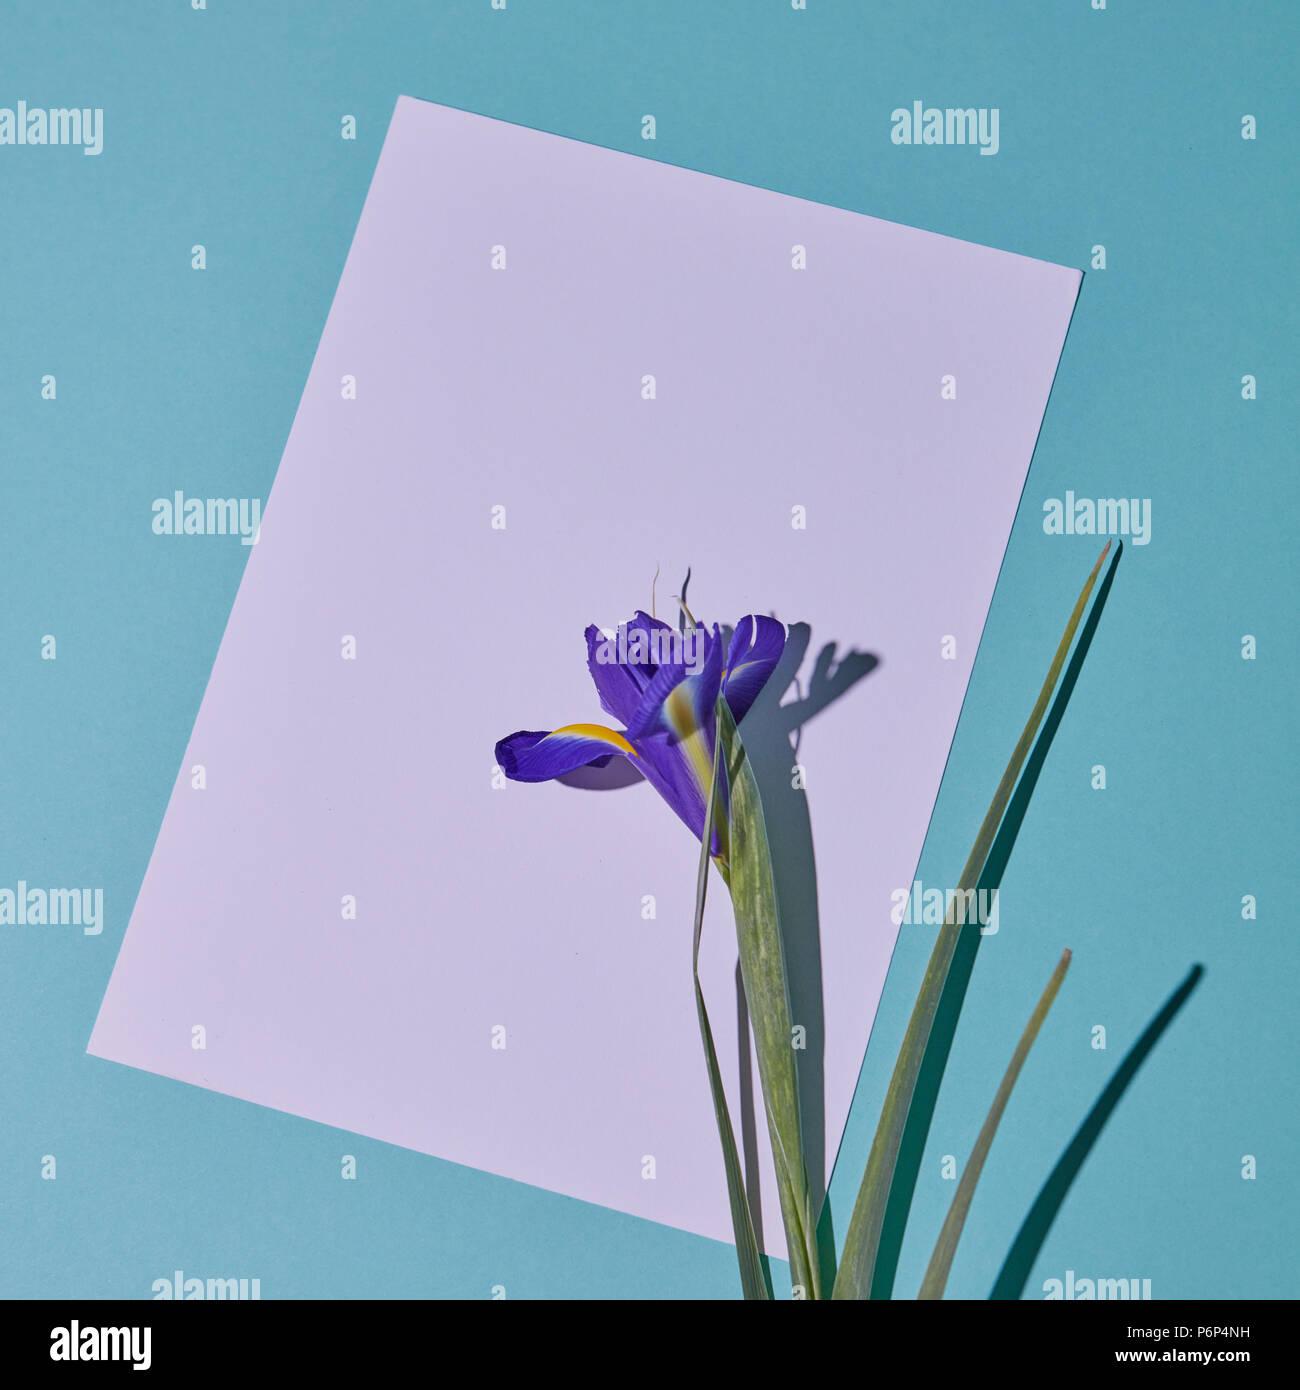 Pink Flower Shadow Stockfotos & Pink Flower Shadow Bilder - Seite 6 ...